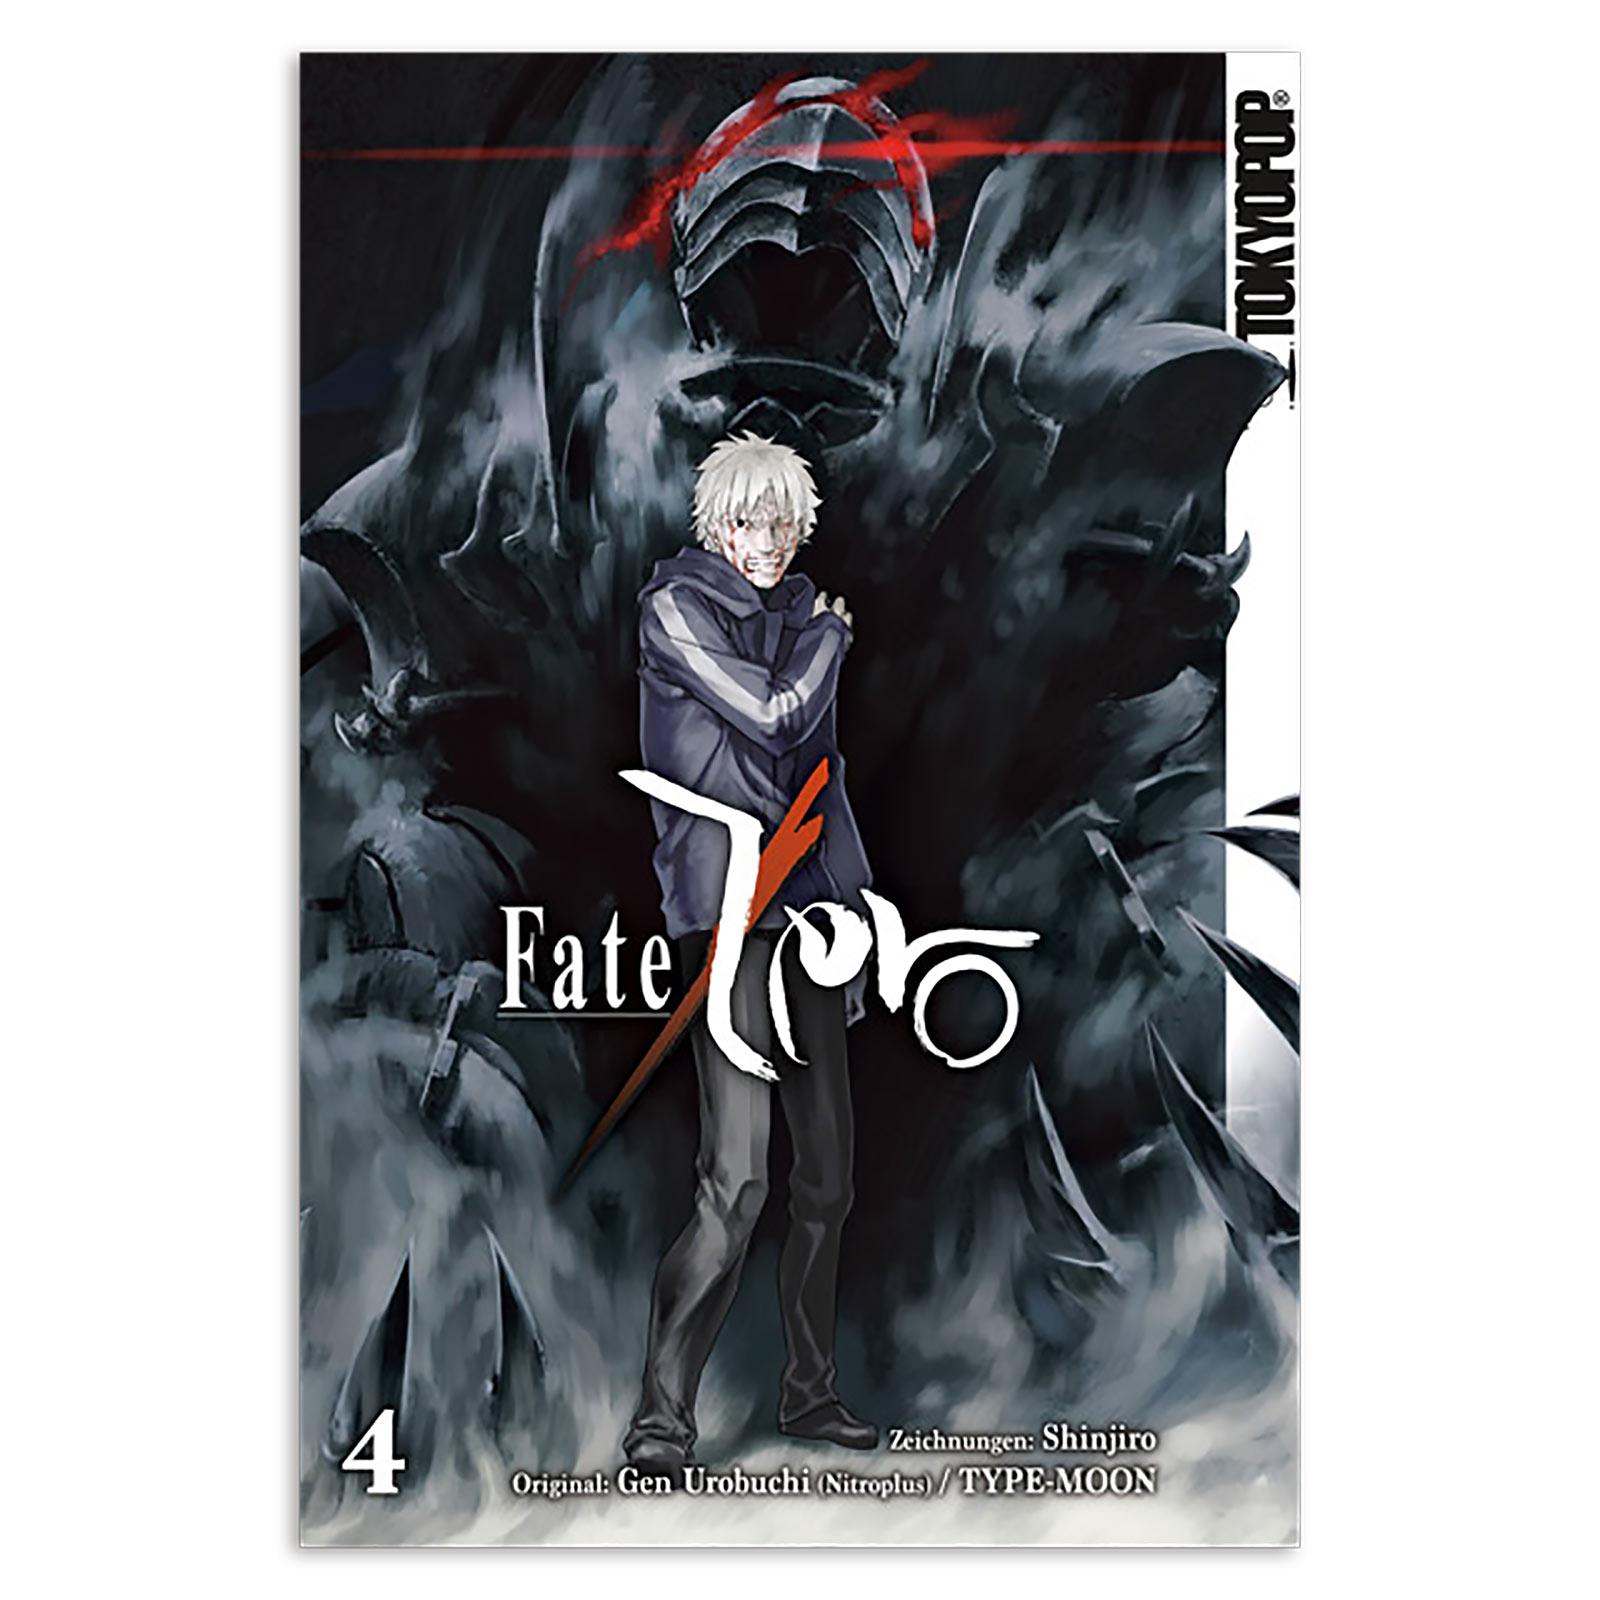 Fate/Zero - Band 4 Taschenbuch